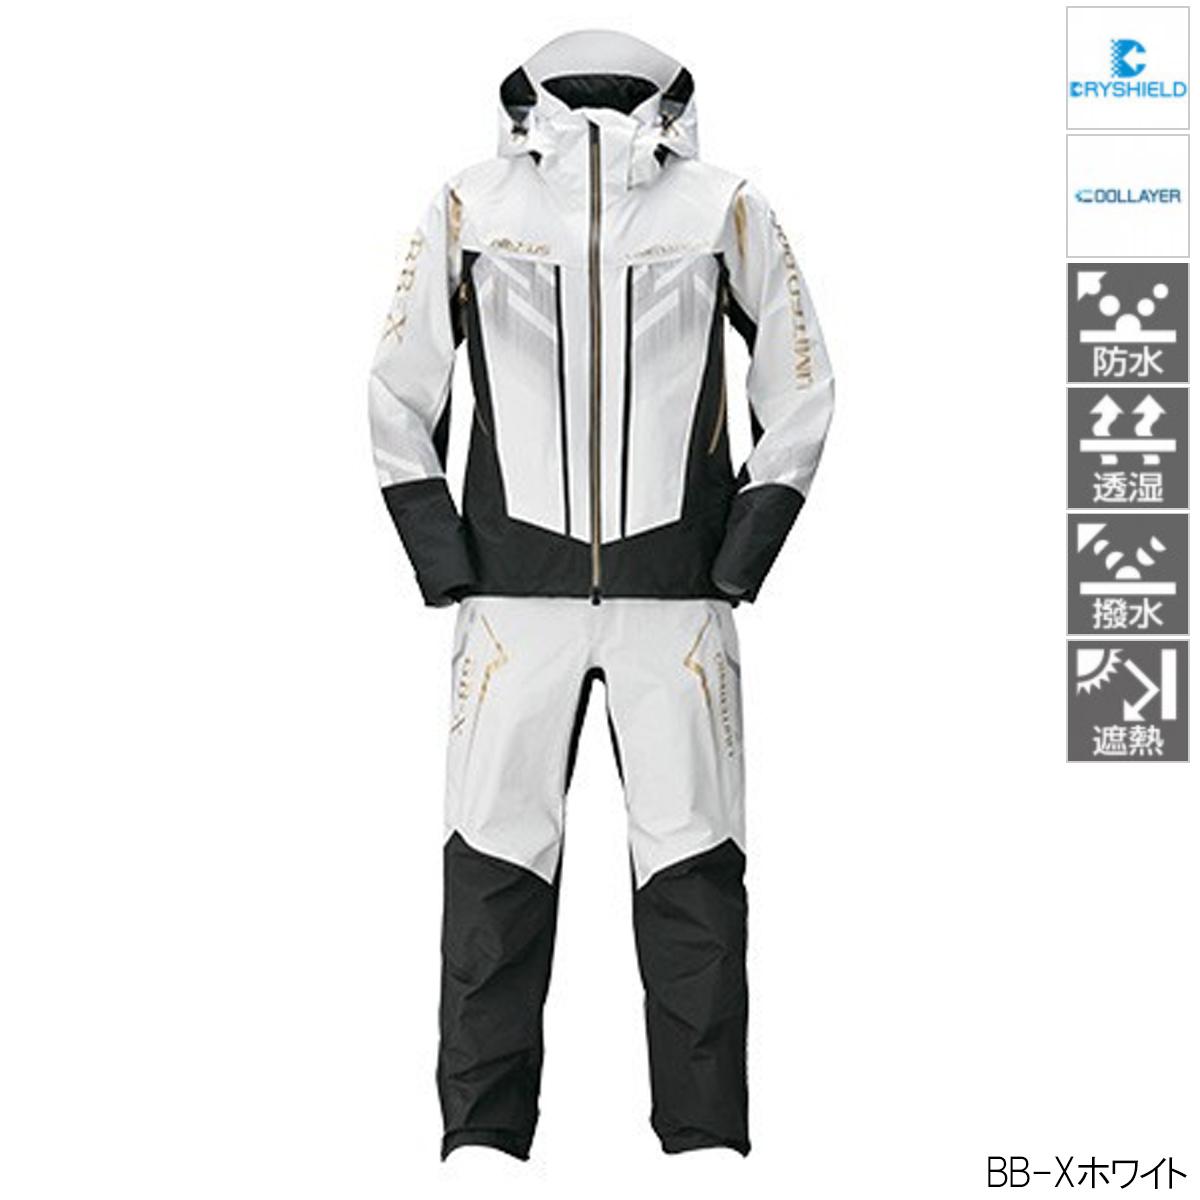 シマノ NEXUS DSクール レインスーツ LIMITED PRO RA-123T L BB-Xホワイト